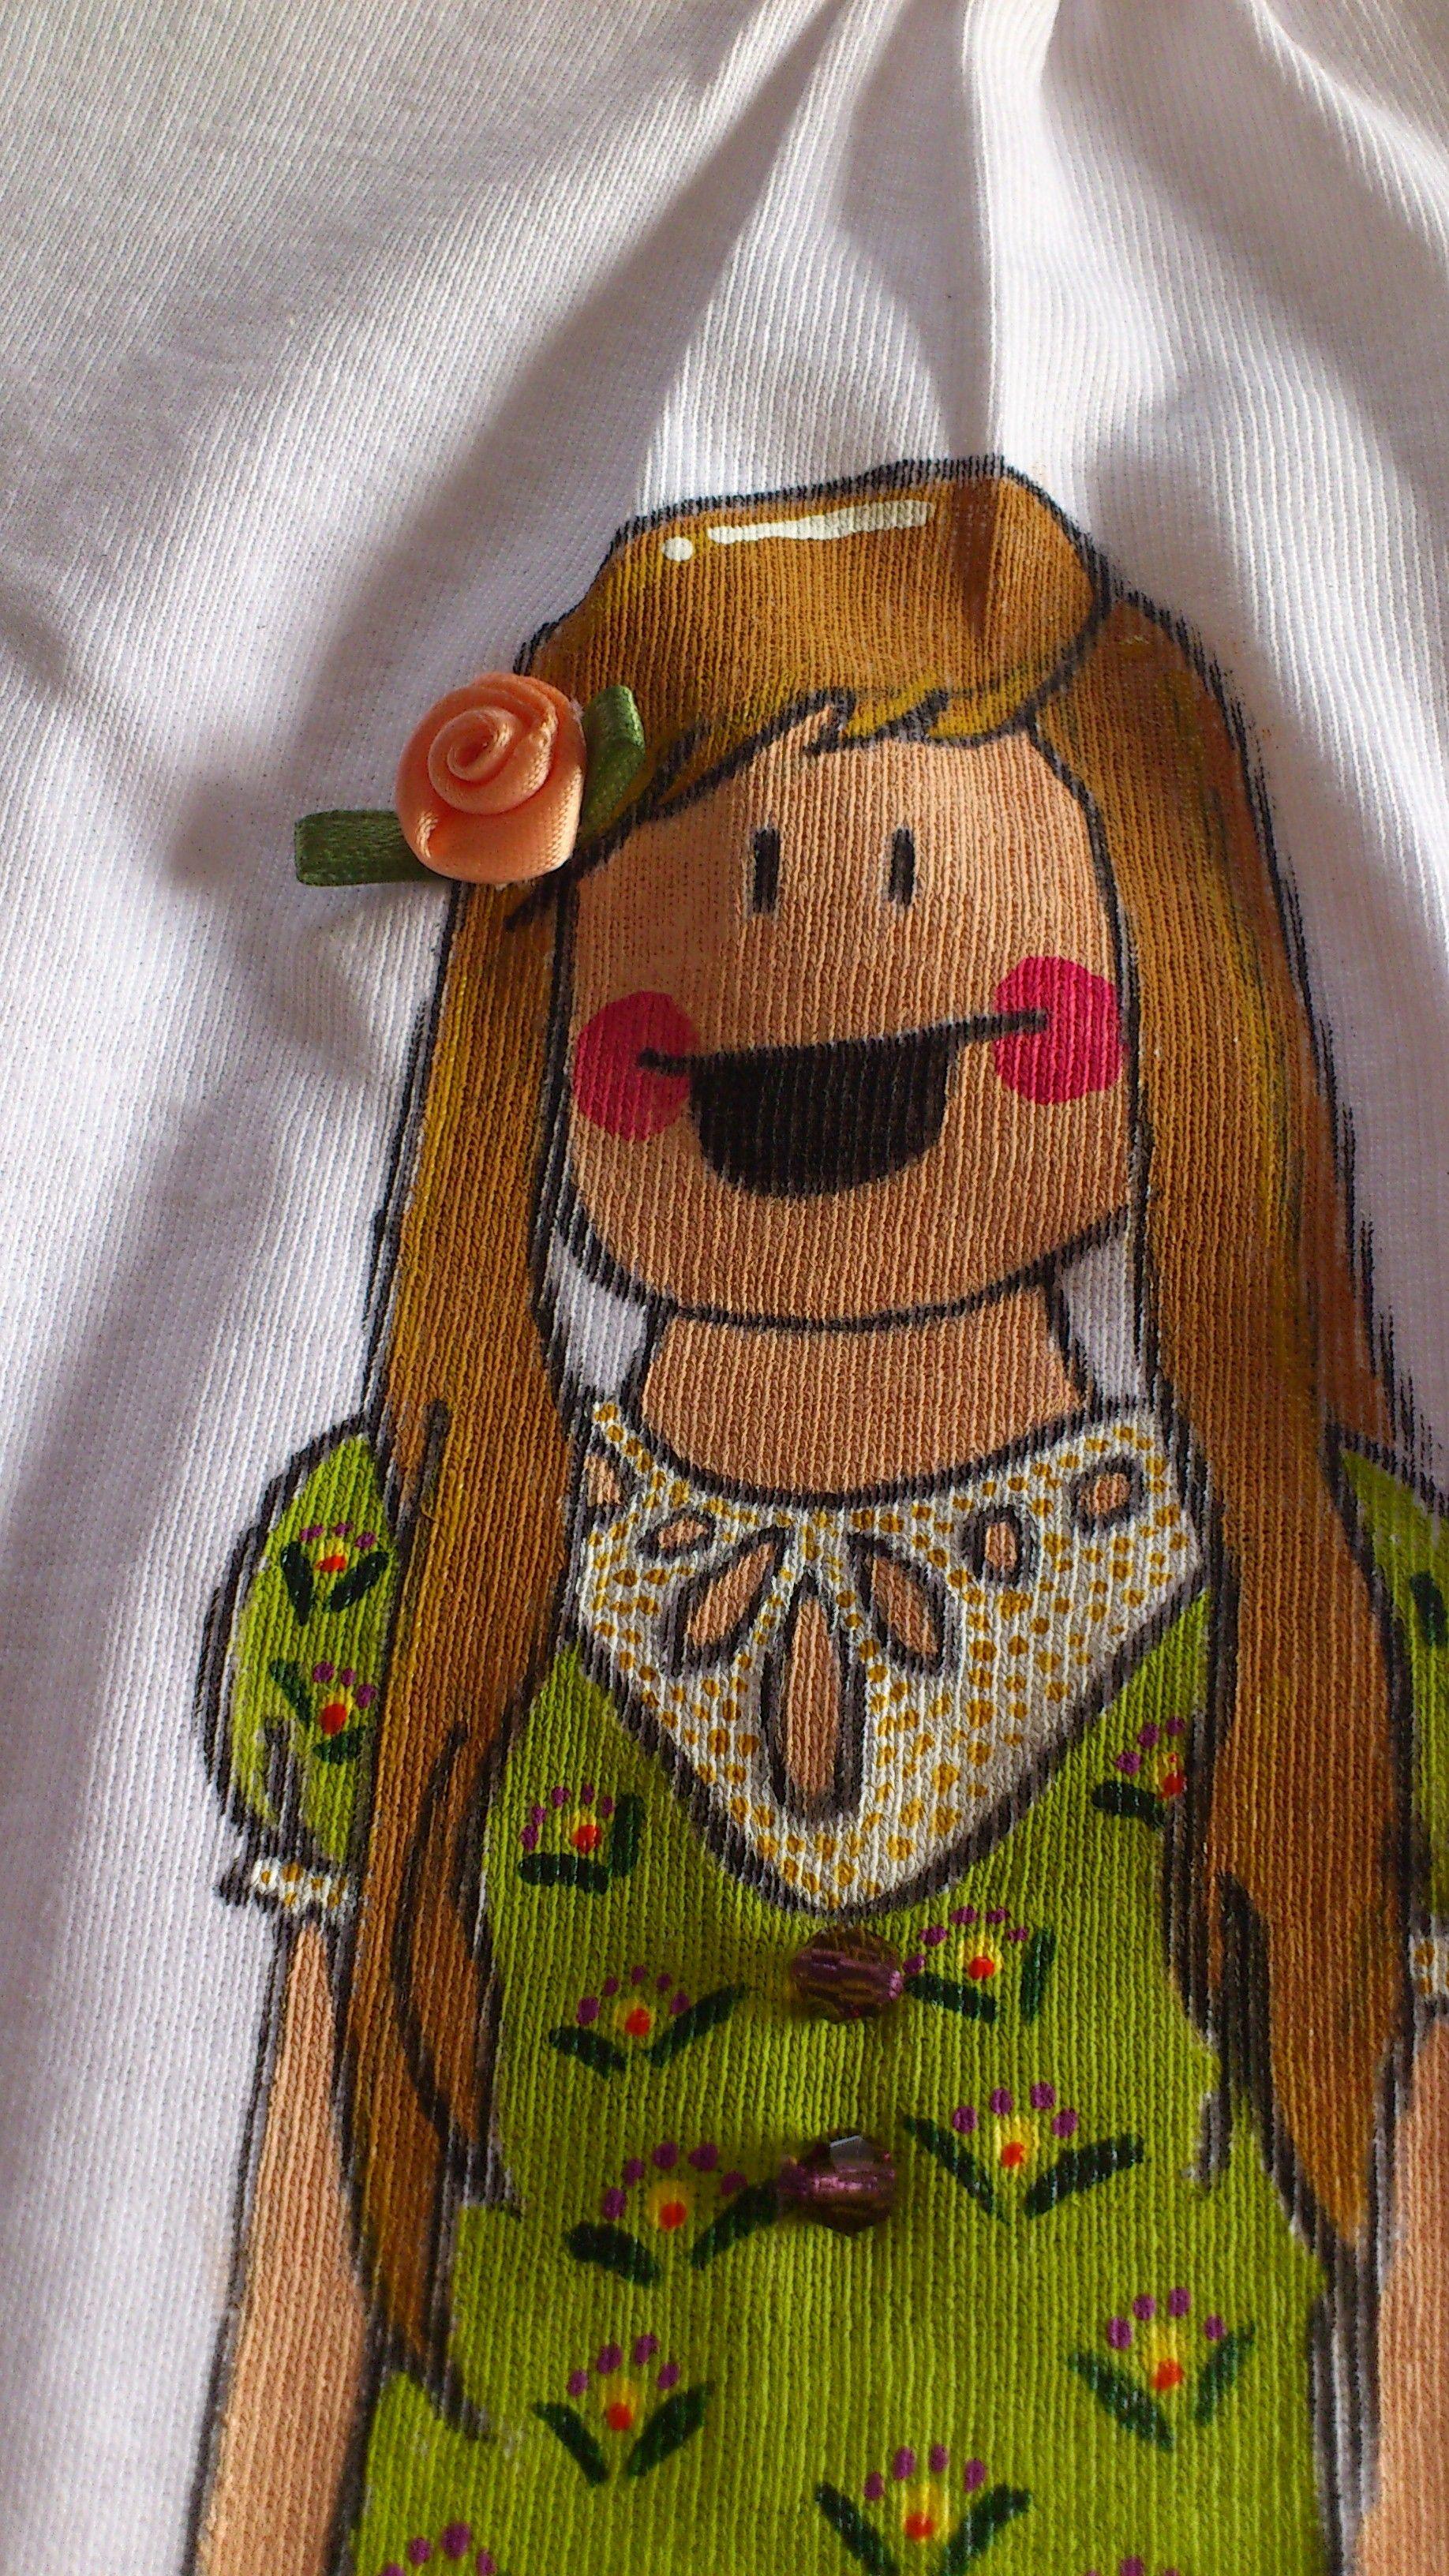 Los detalles hacen que nuestro producto sea único; flores, lazos, aplicaciones de tela y fieltro, bolitas de cristal... diviértete buscándolos. by Pepete T-shirts